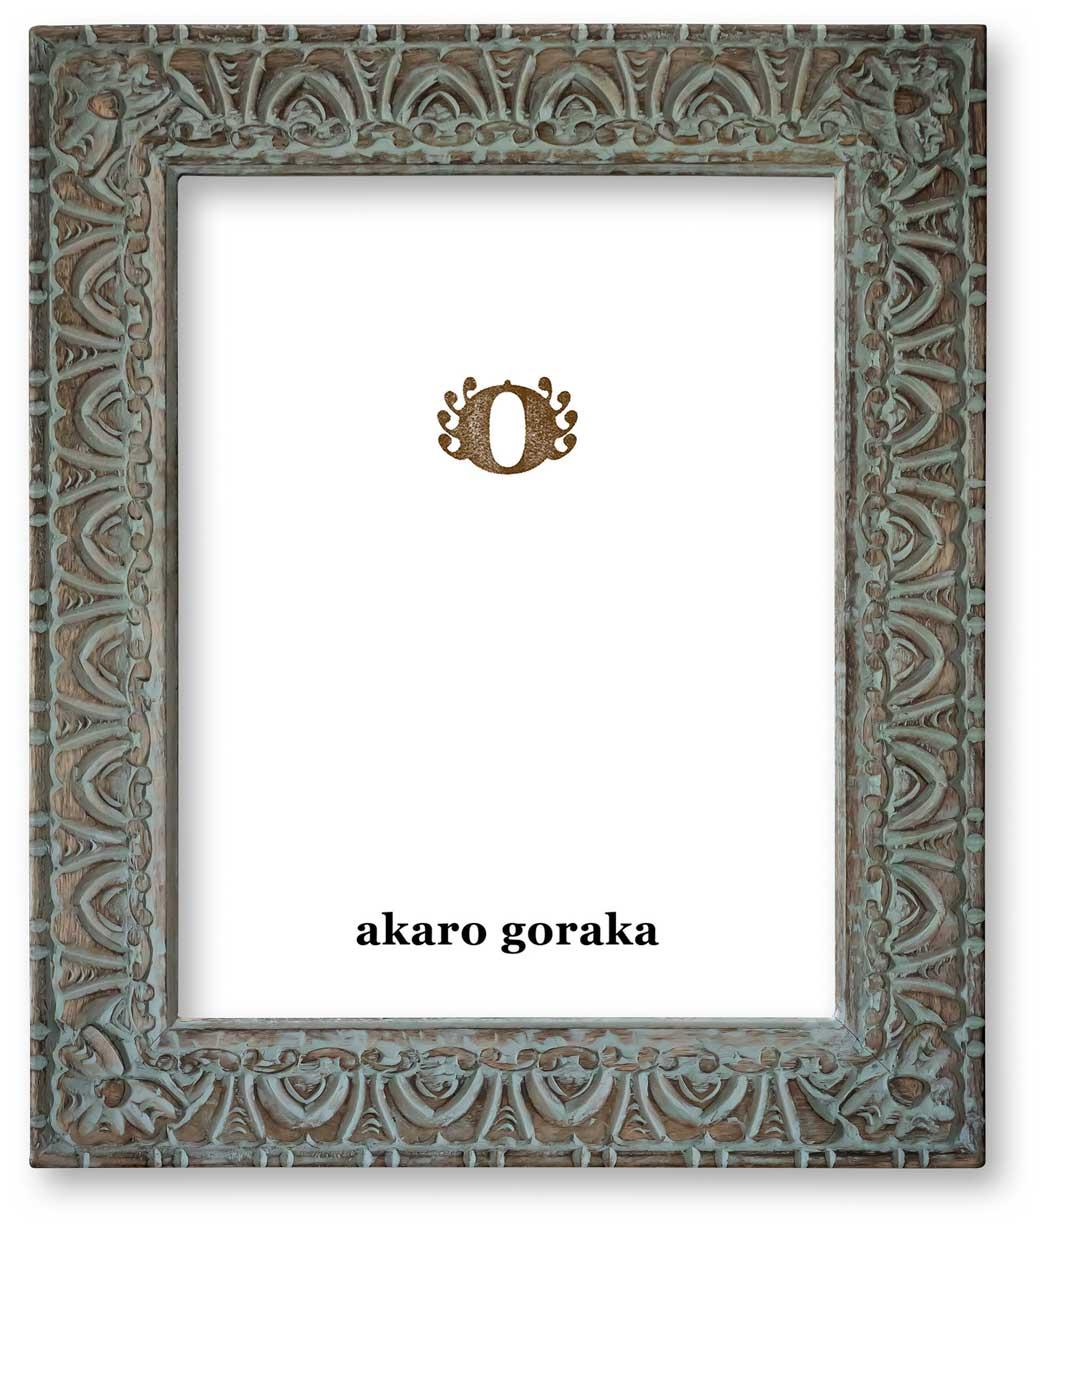 abere ba palindromo ilustratuen hiztegia akaro goraka